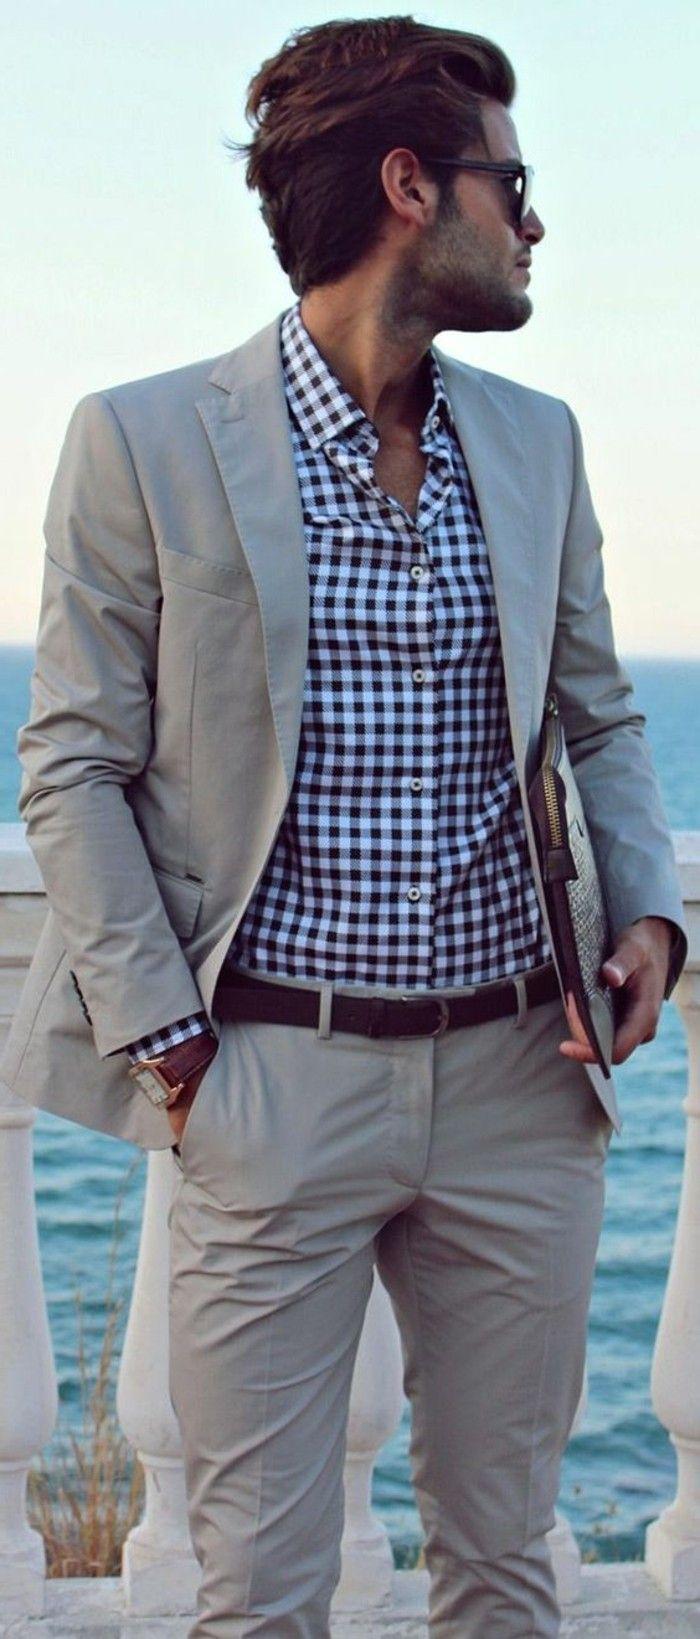 S habiller Pour Un Mariage Homme, Mode Homme, Le Style Des Hommes, d3c50b2427b